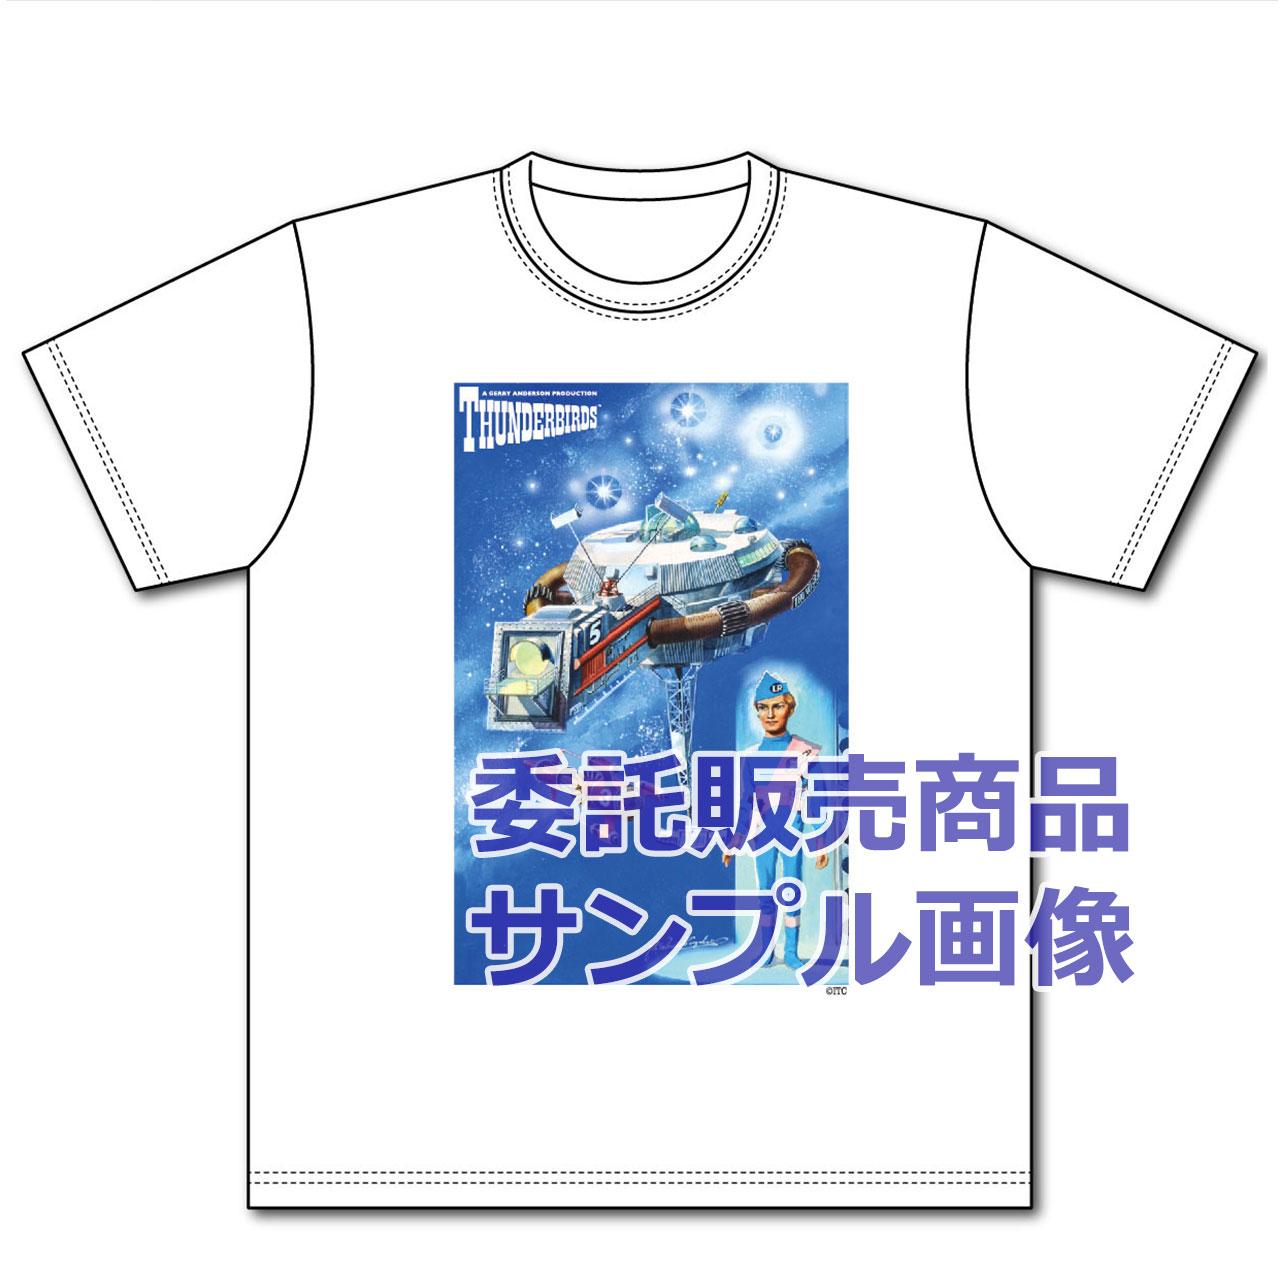 「サンダーバード」Tシャツ5号白